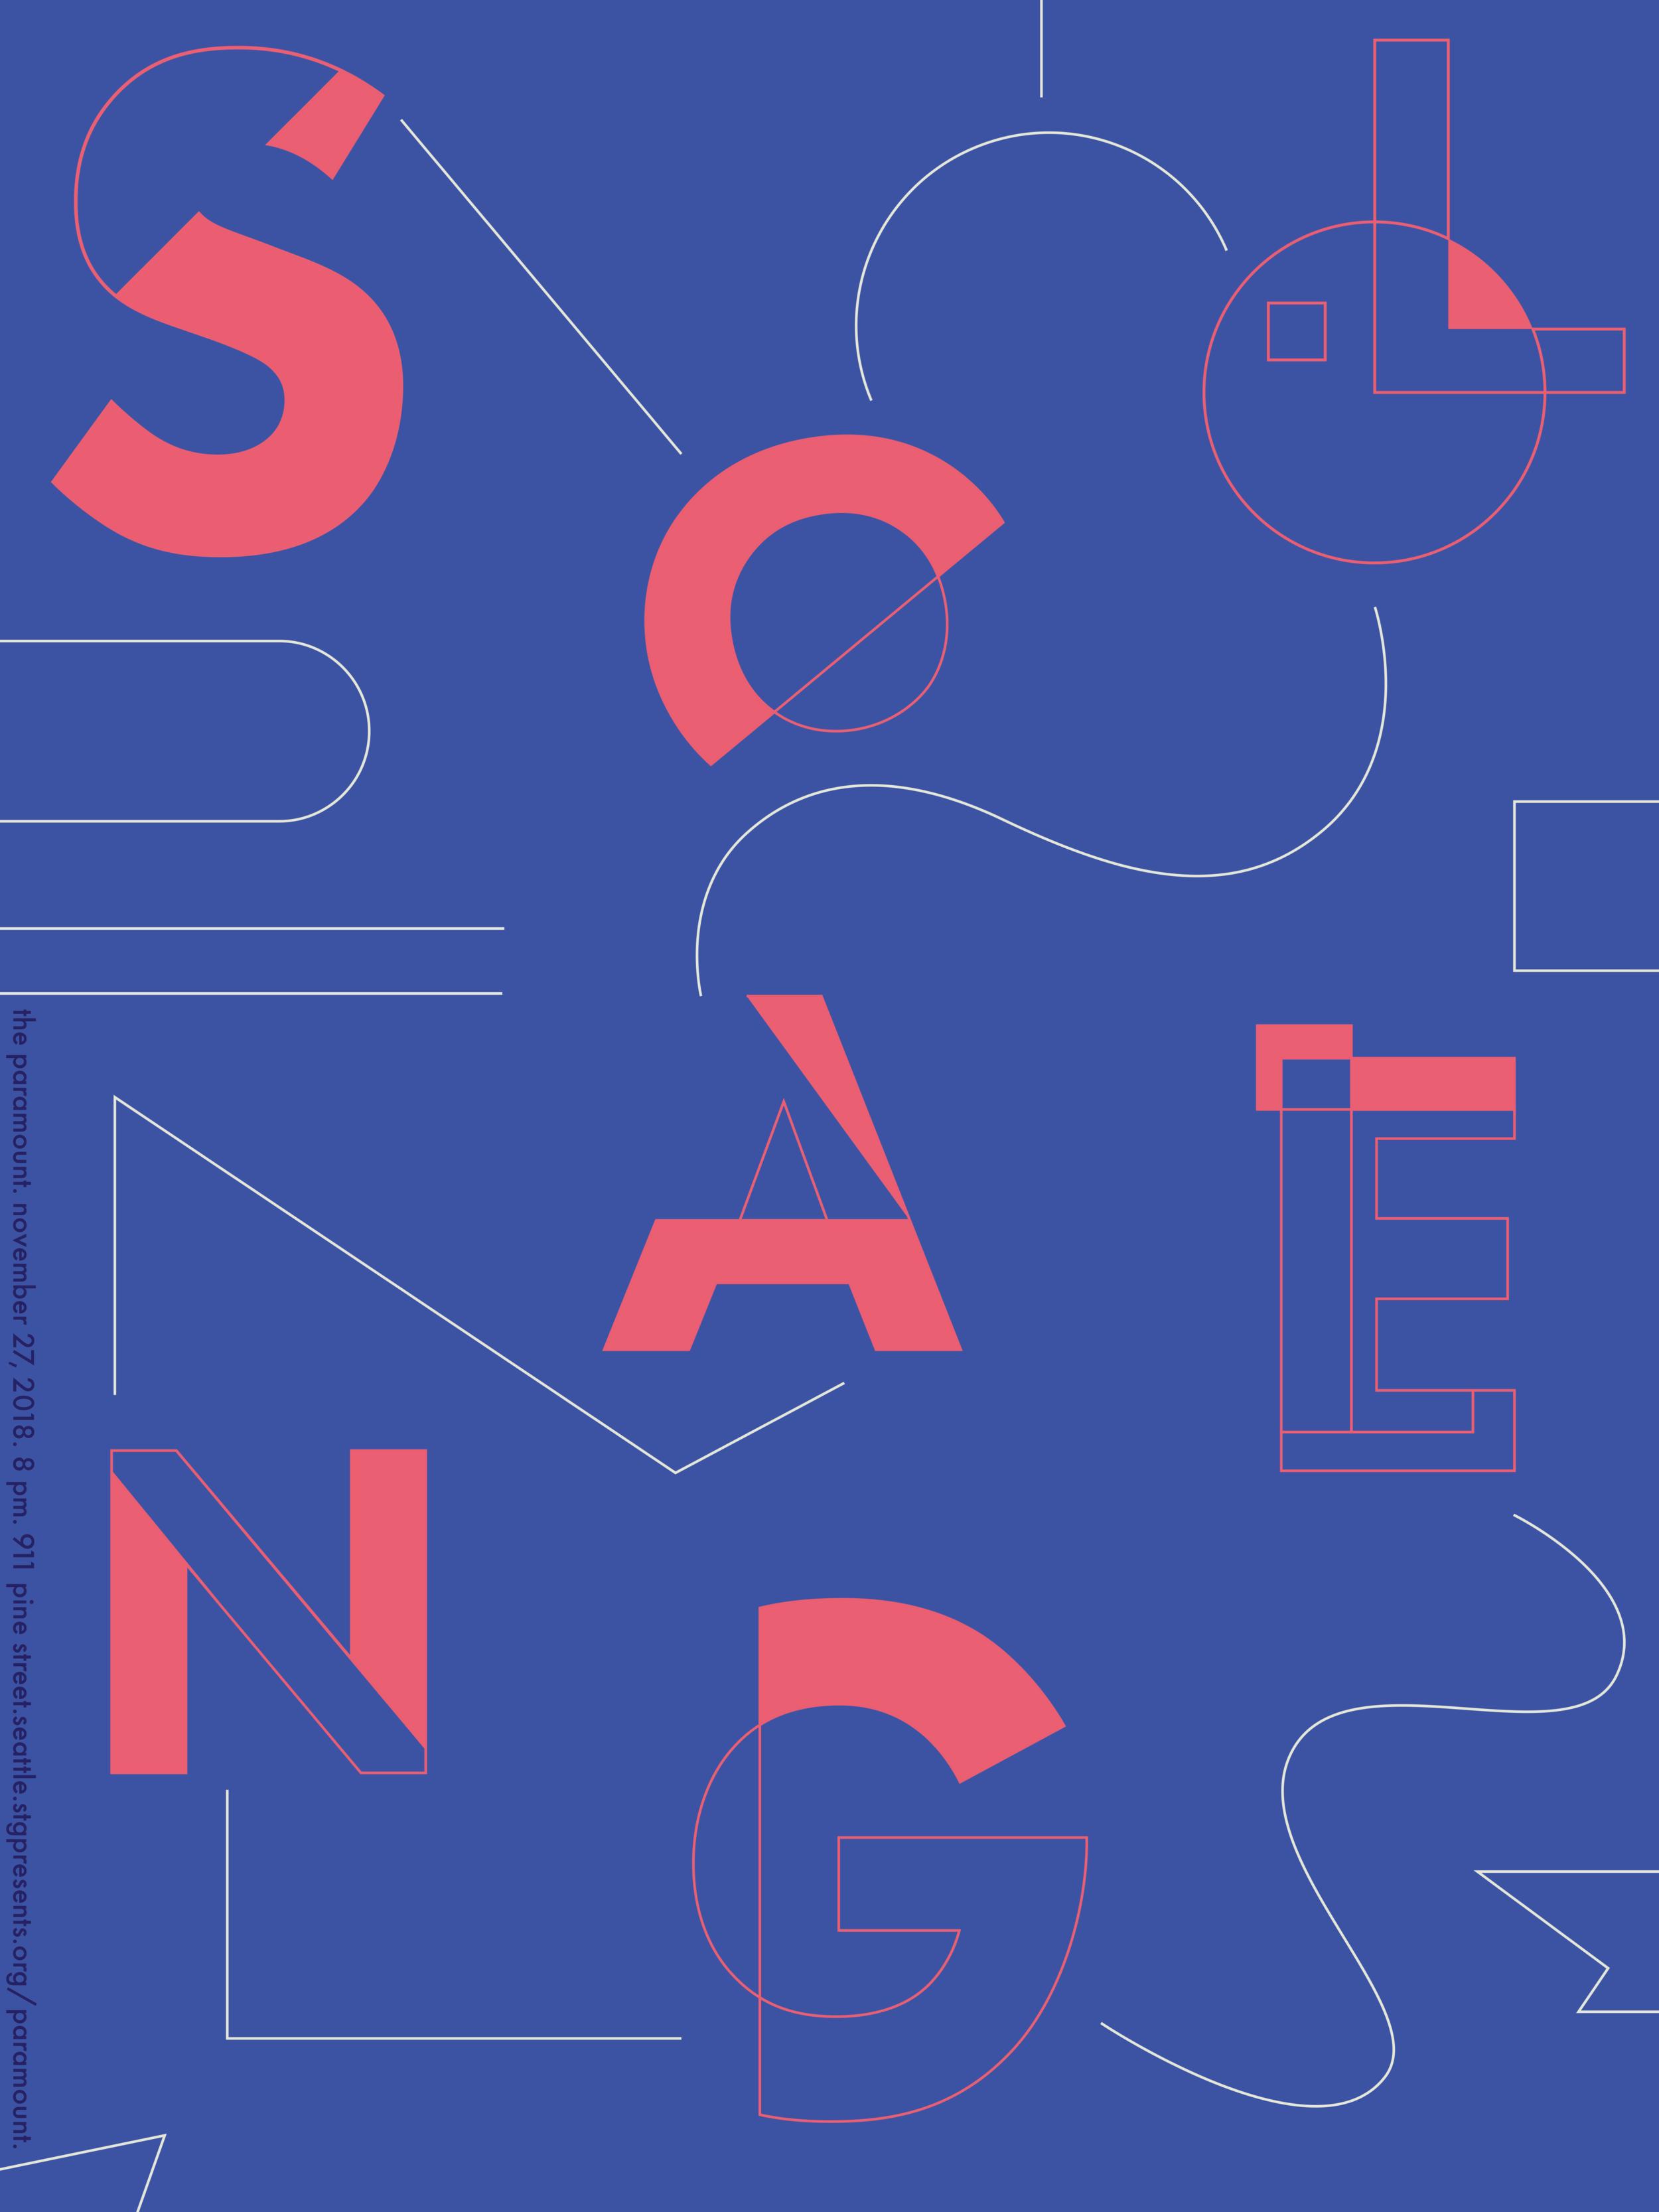 Design for Solange gig poster.